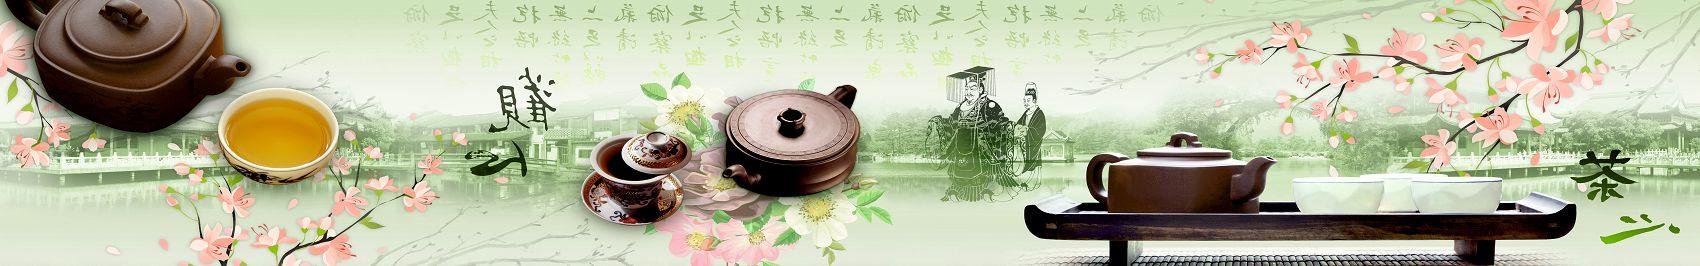 восточные мотивы чайный коллаж